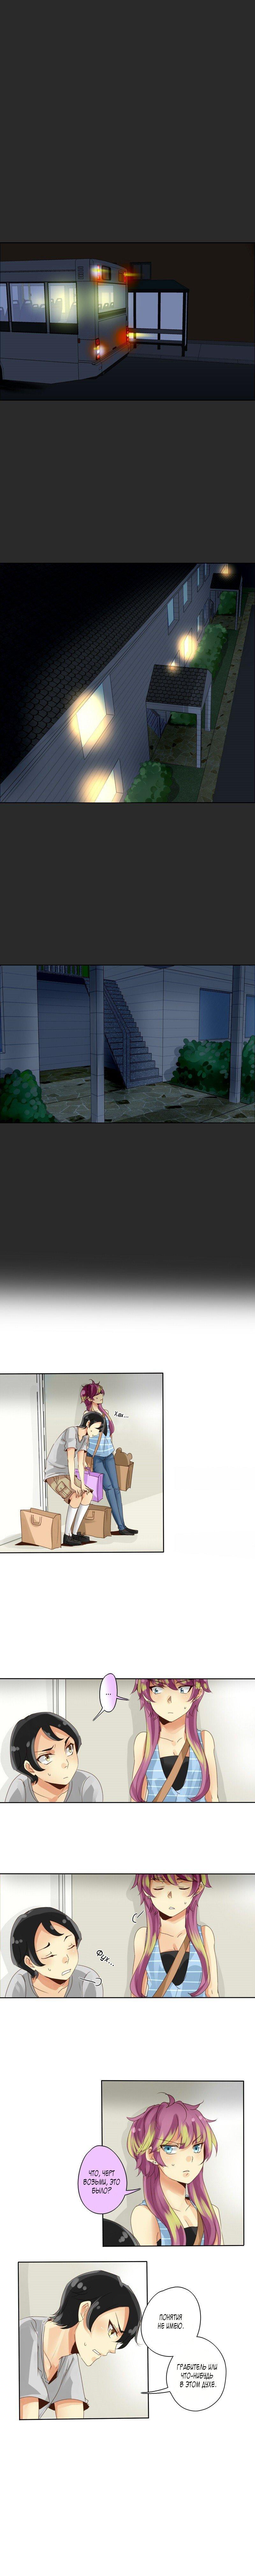 Манга неОРДИНАРНЫЕ / unORDINARY  - Том 1 Глава 11 Страница 1